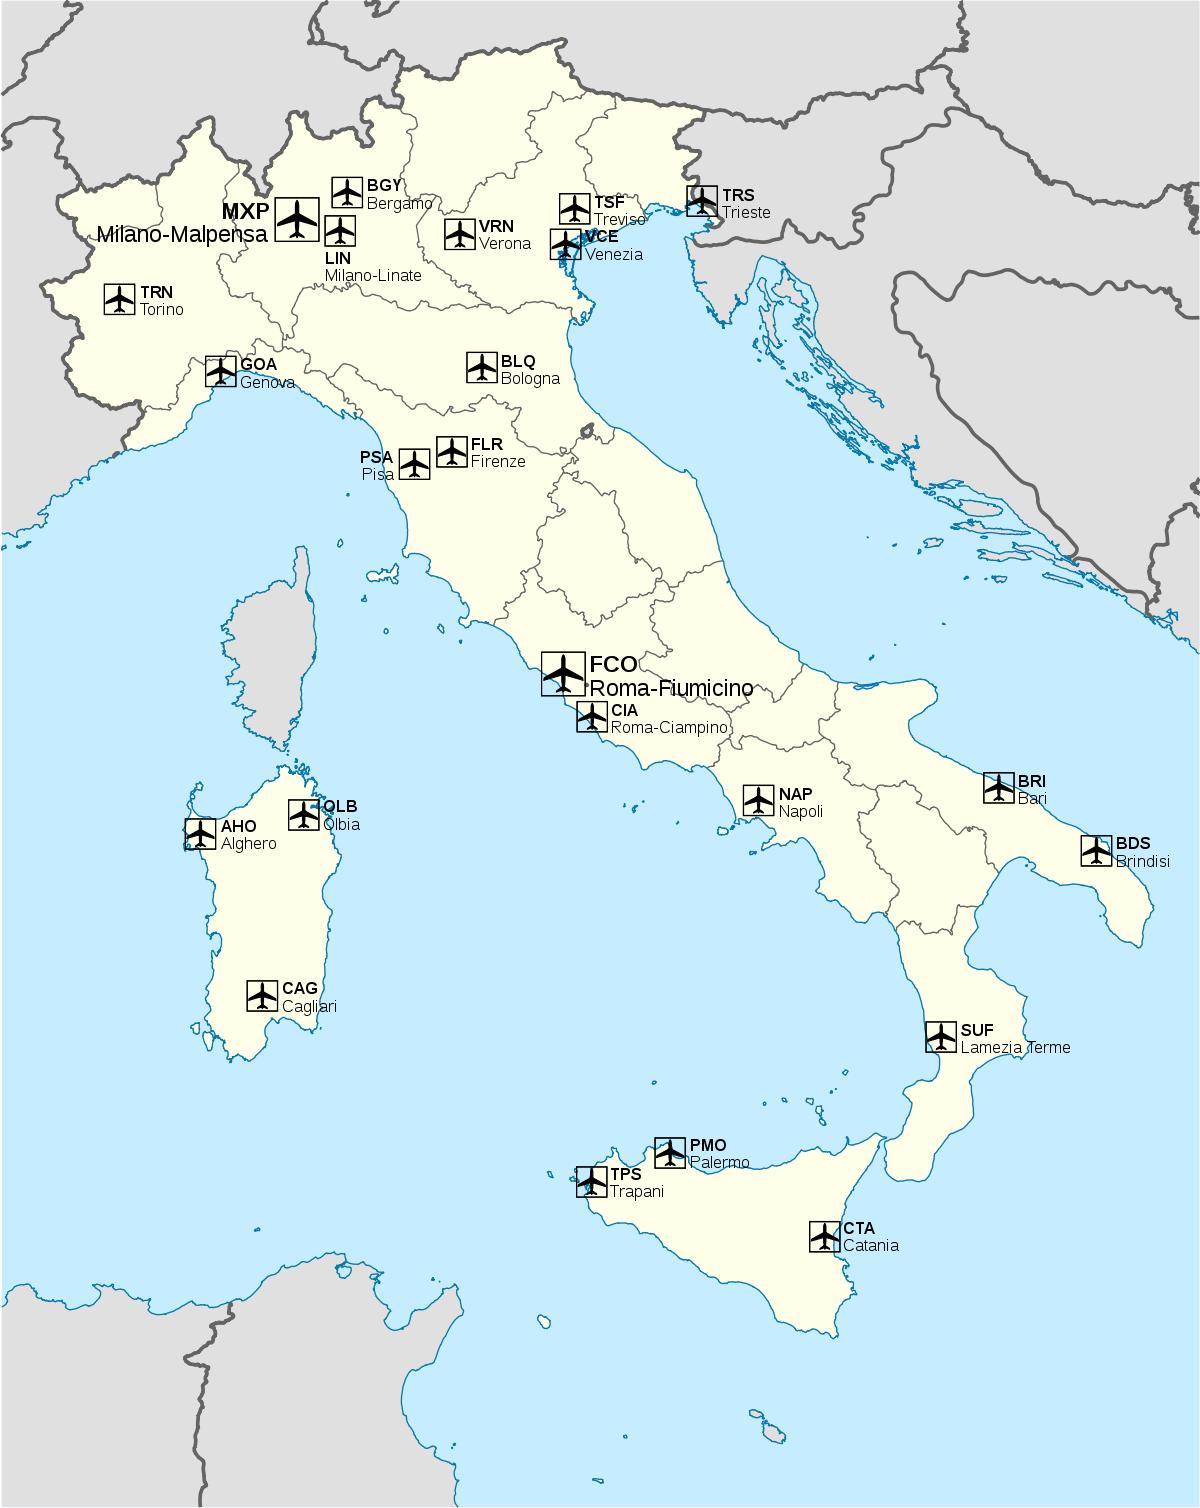 karta italien flygplatser Italien flygplats karta   Internationella flygplatser i Italien  karta italien flygplatser